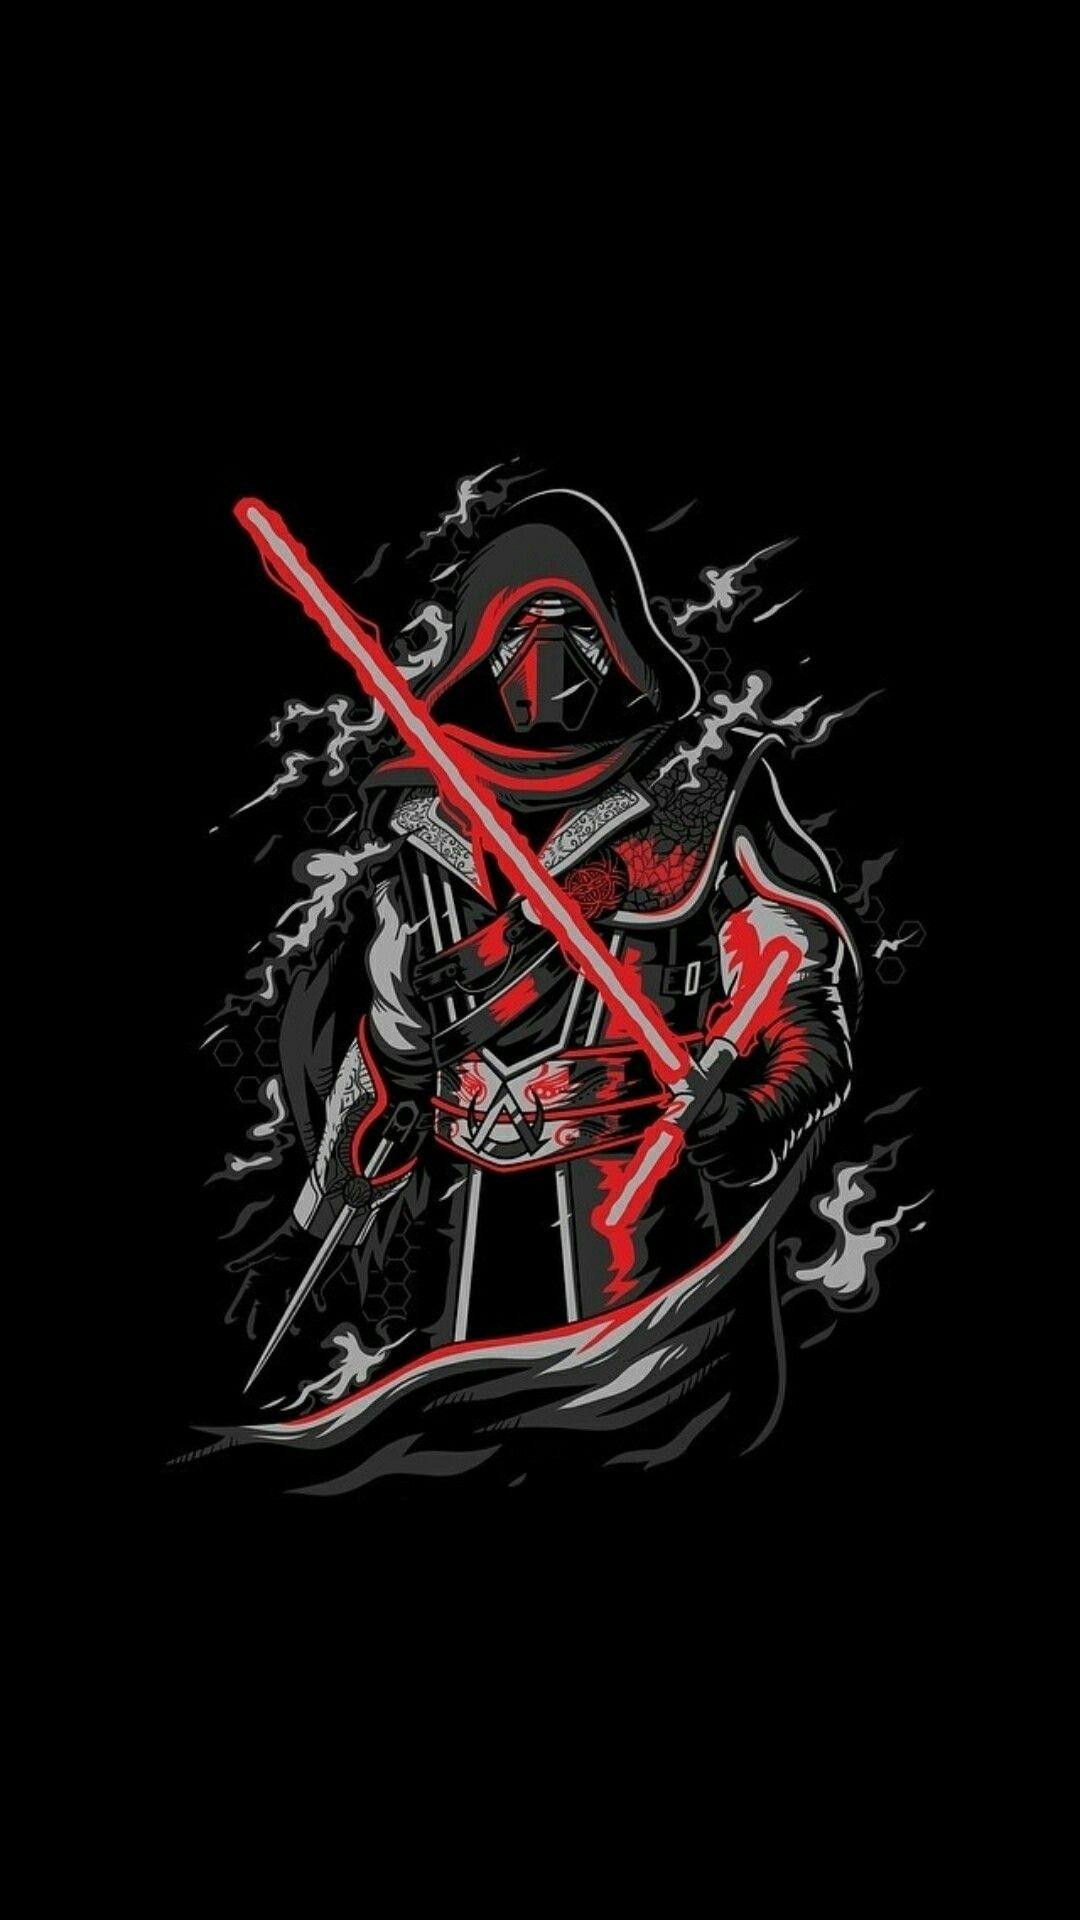 Pin De Kylo Ren Ben Solo Fan Em Star Wars Star Wars Personagens Imagens Star Wars Papel De Parede Star Wars